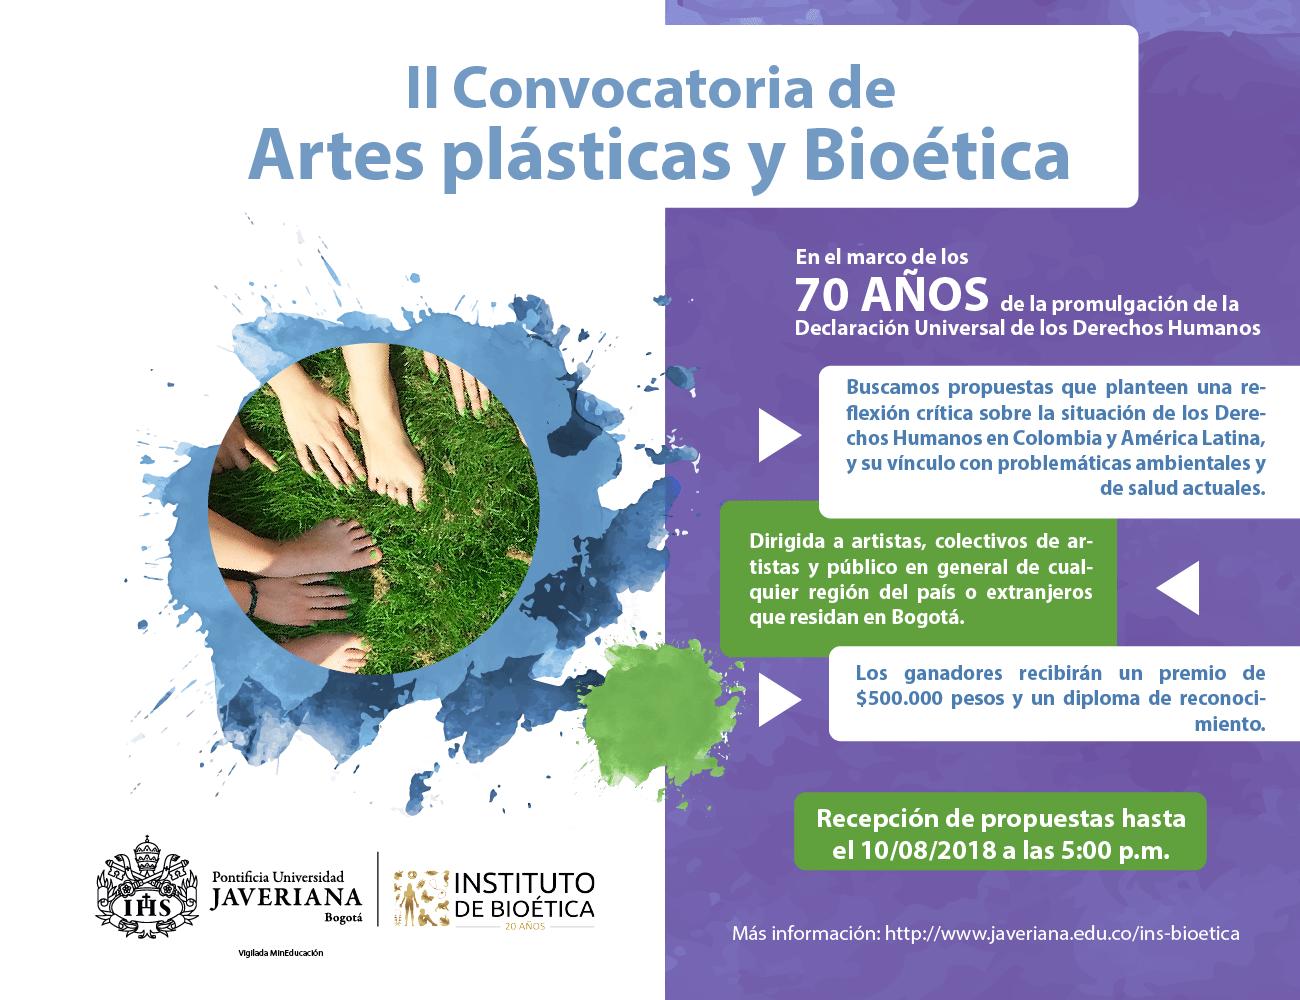 II Convocatoria de Artes plásticas y Bioética